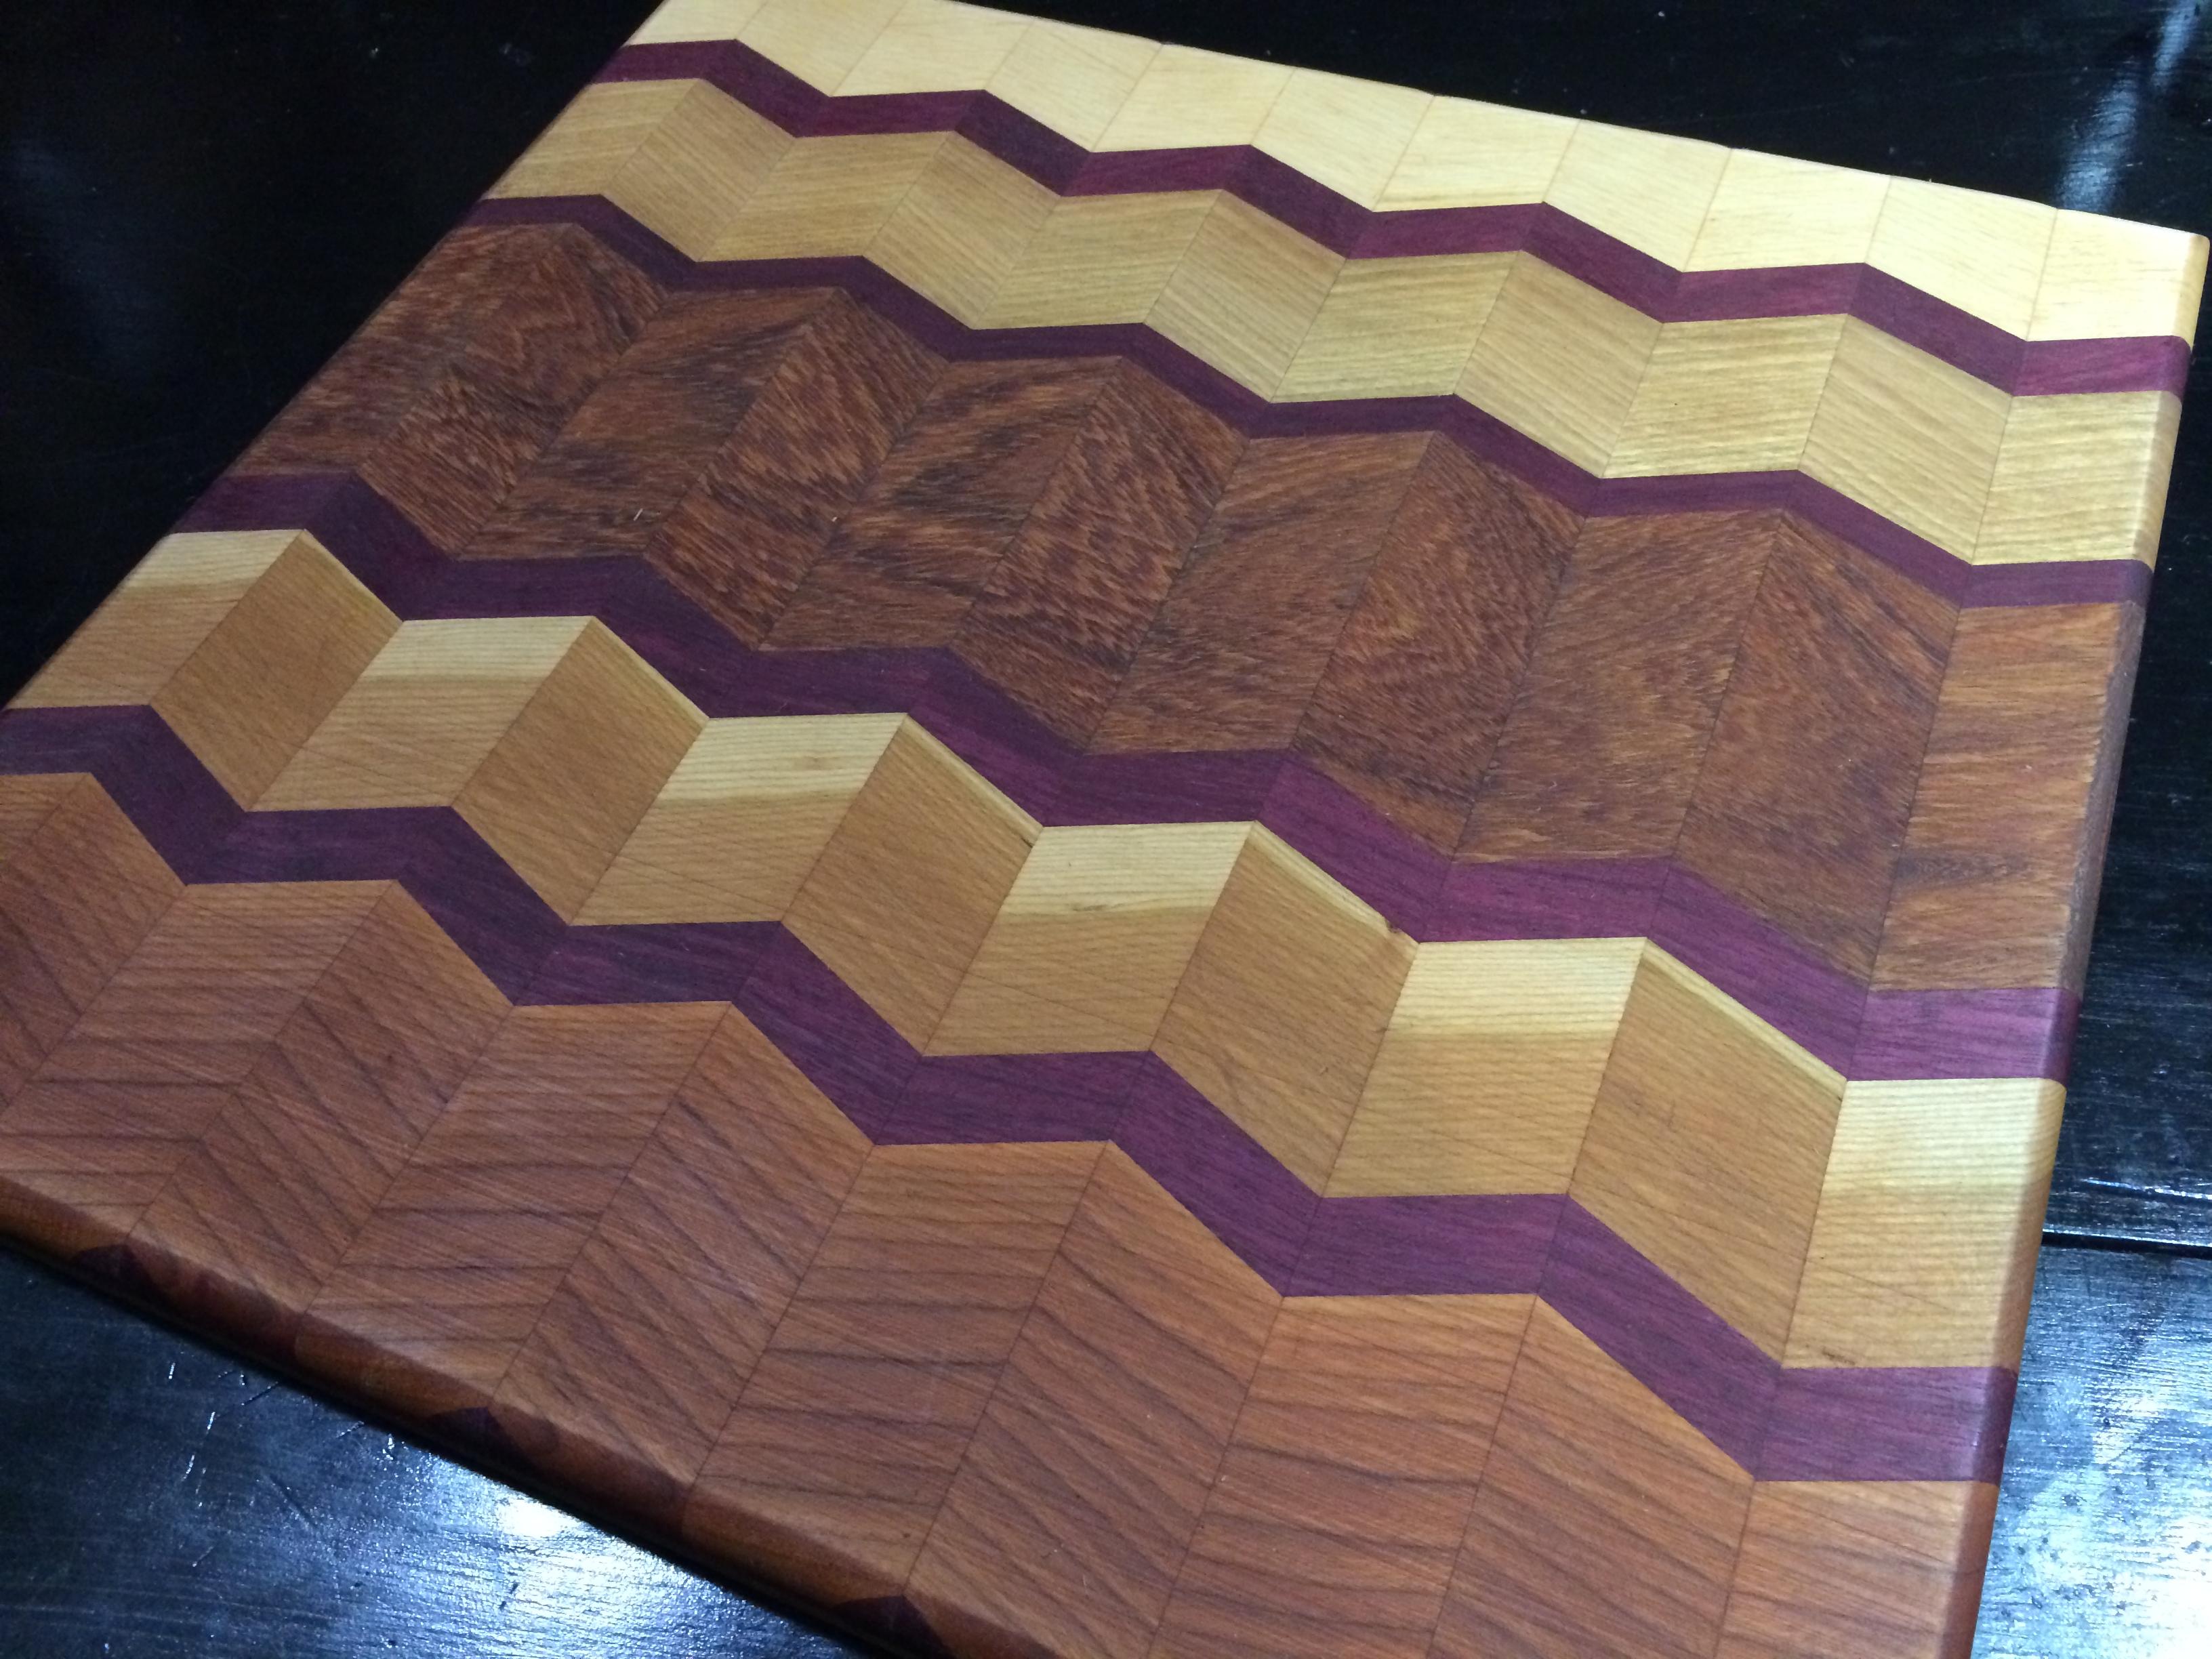 Workhome Idea: Here Herringbone Cutting Board Plans